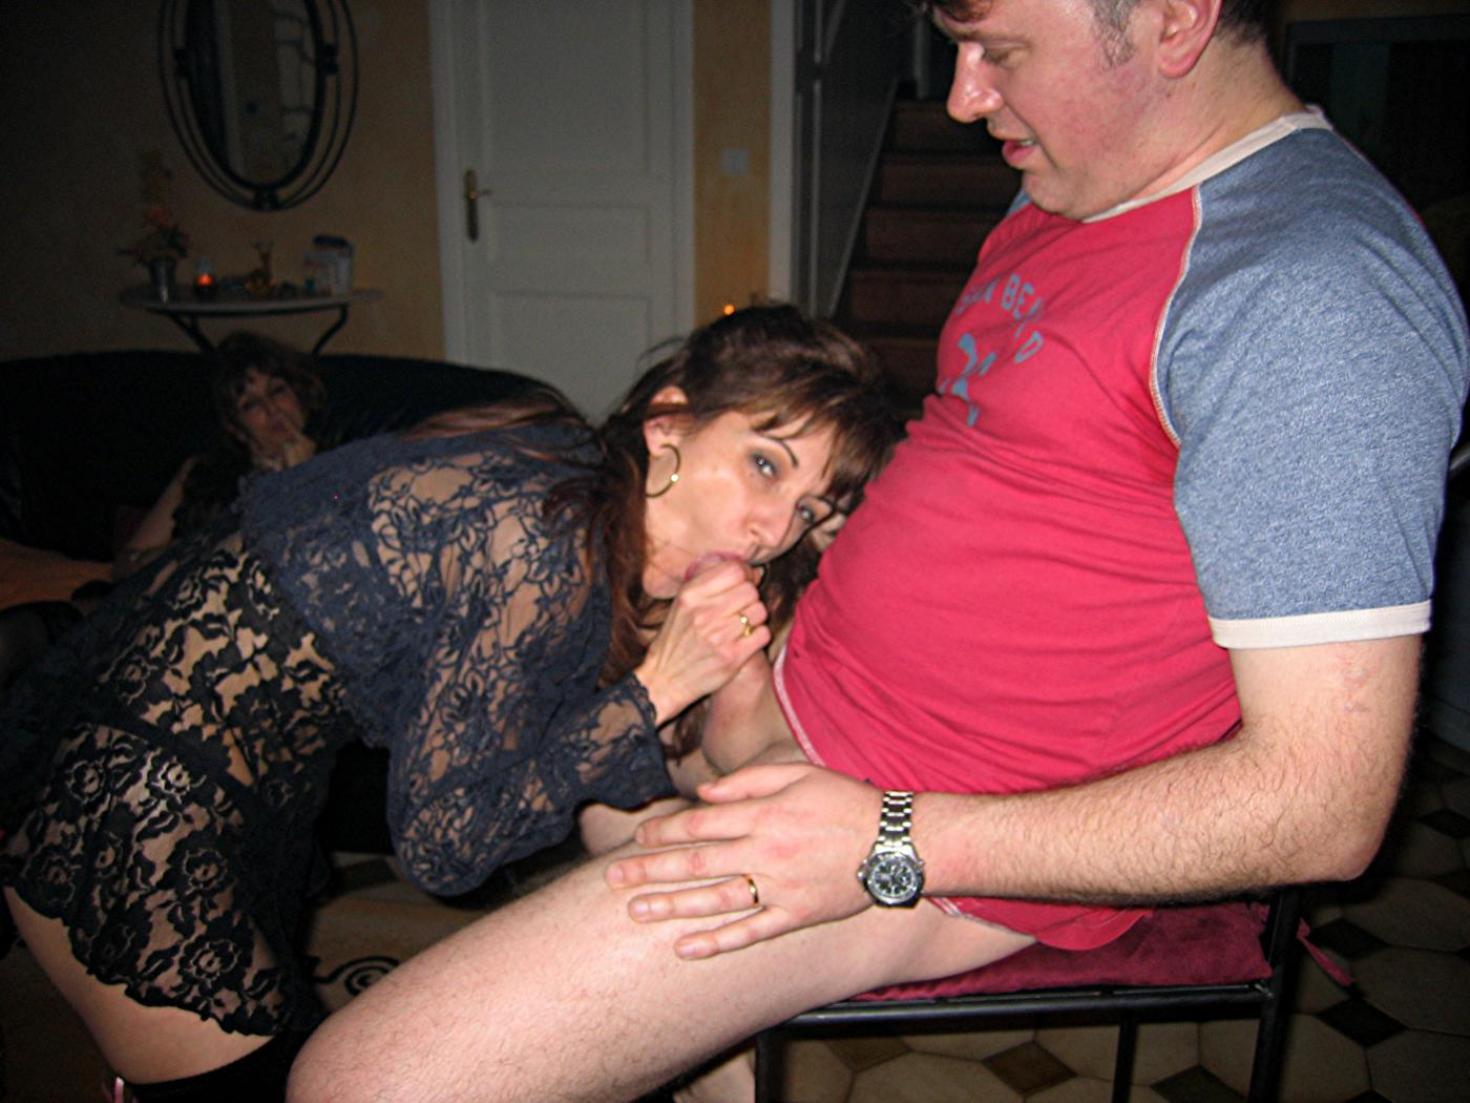 Семейная пара меняется партнёрами 16 фотография